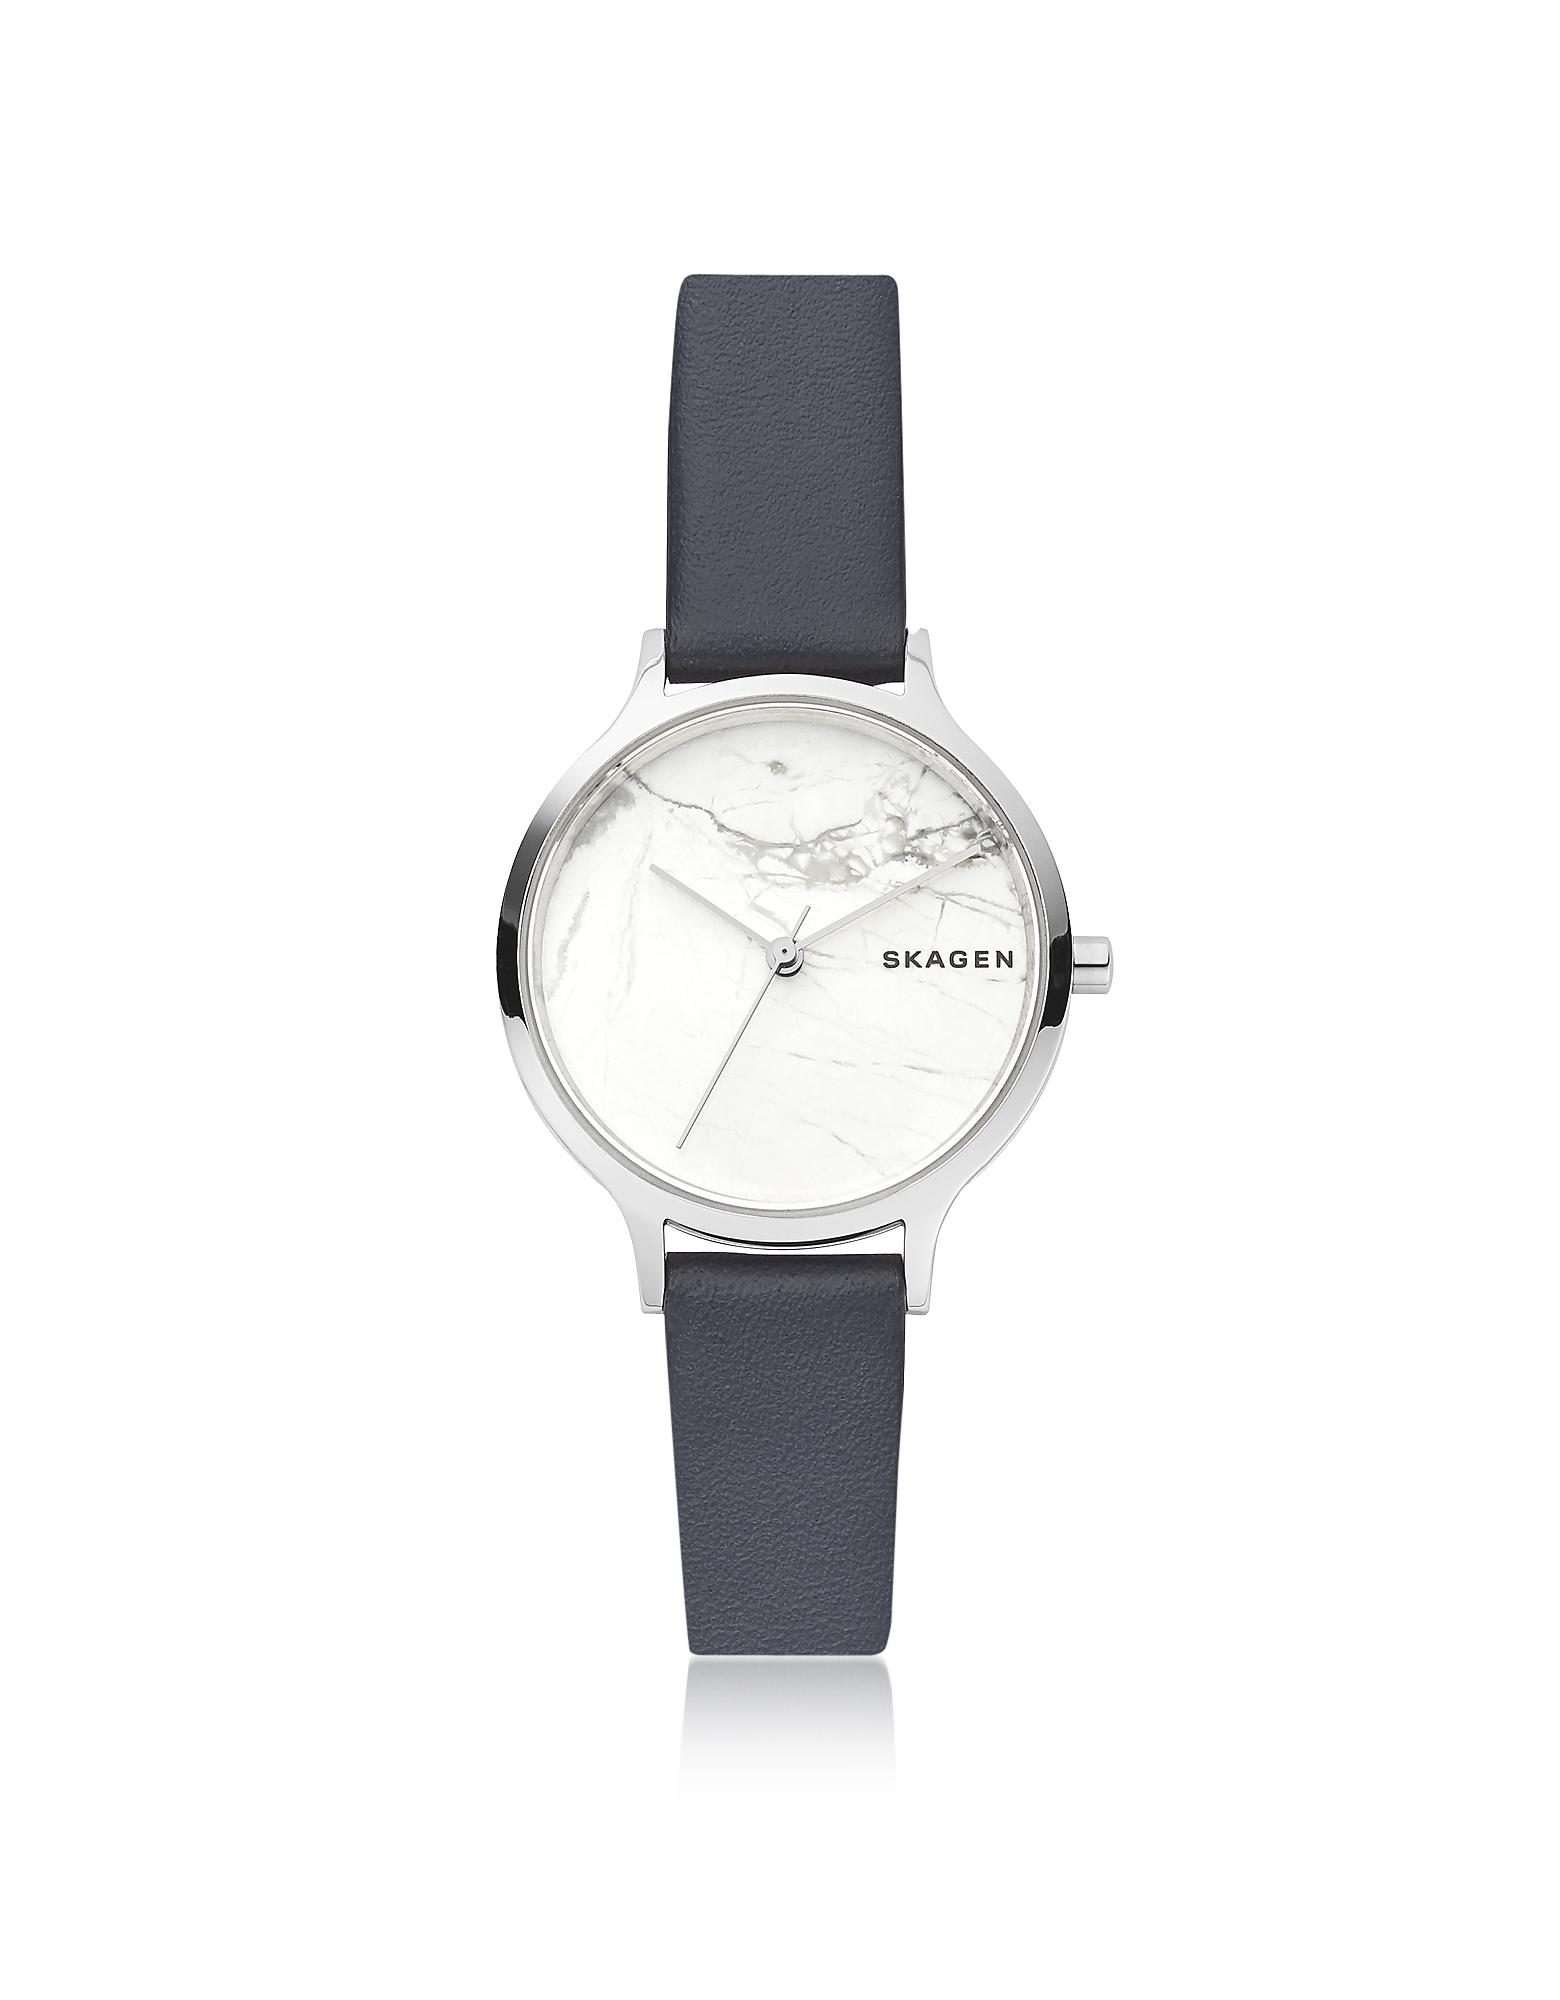 Skagen Women's Watches, SKW2719 Anita Women's Watch